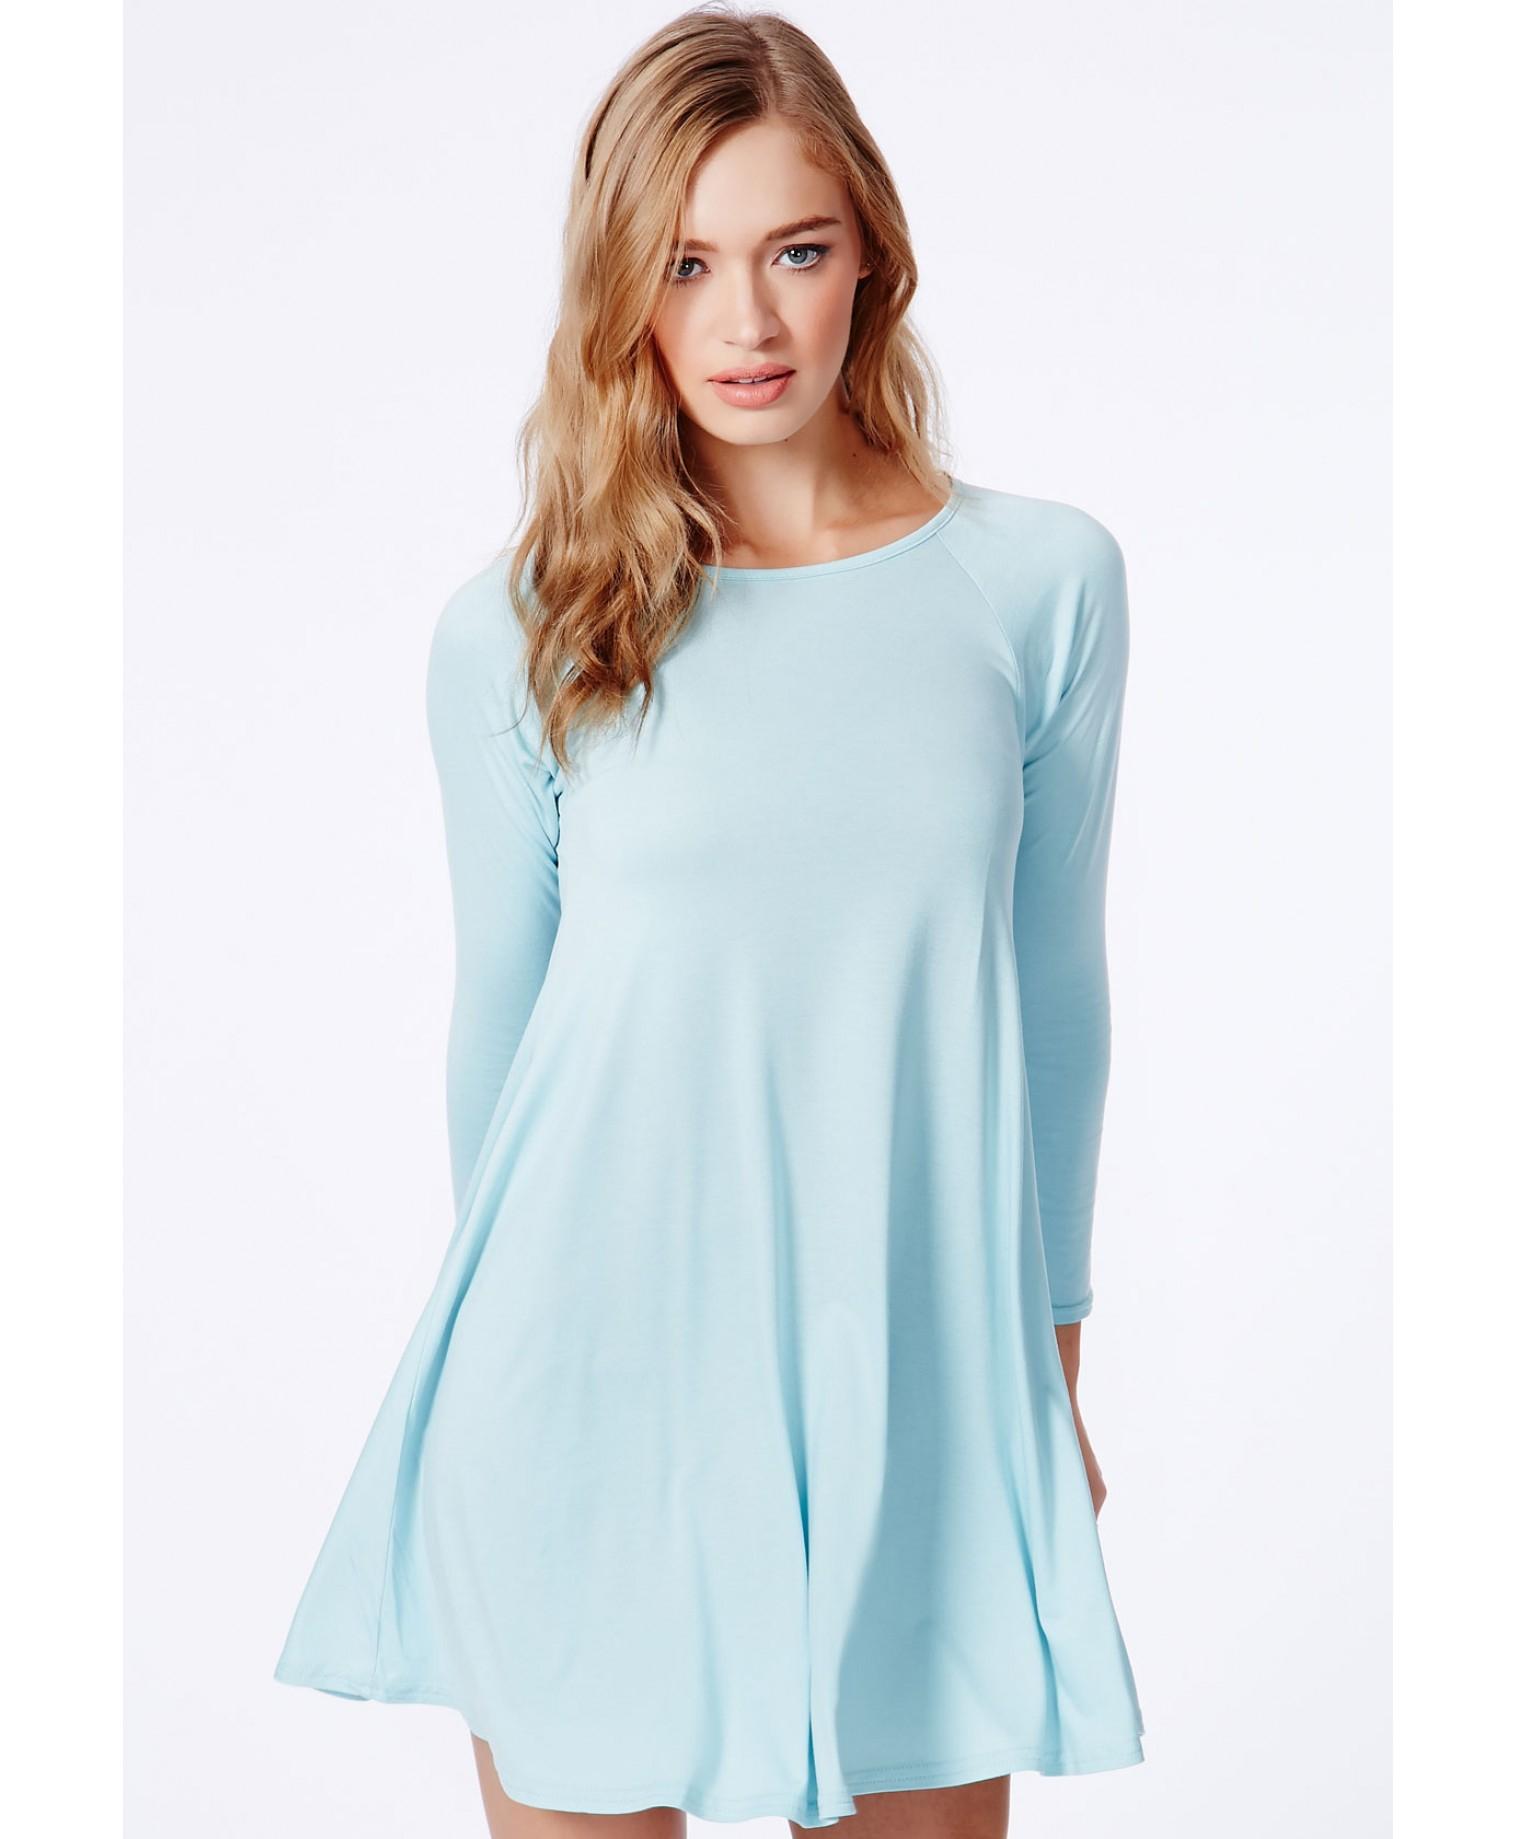 854014d362b4 Lyst Missd Mikita Long Sleeve Swing Dress In Baby Blue